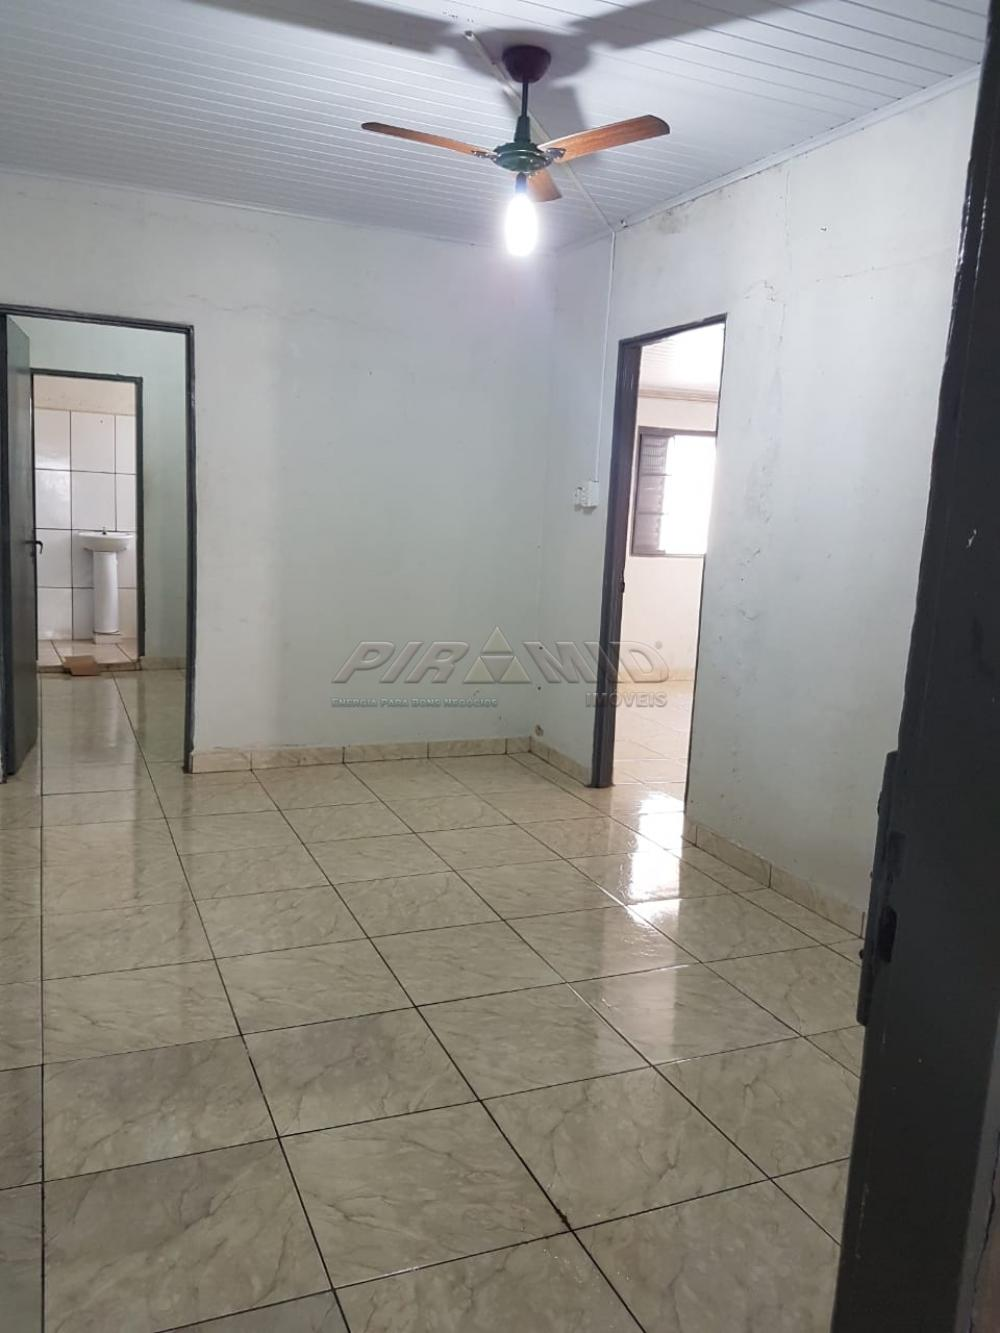 Comprar Casa / Padrão em Ribeirão Preto apenas R$ 180.000,00 - Foto 20